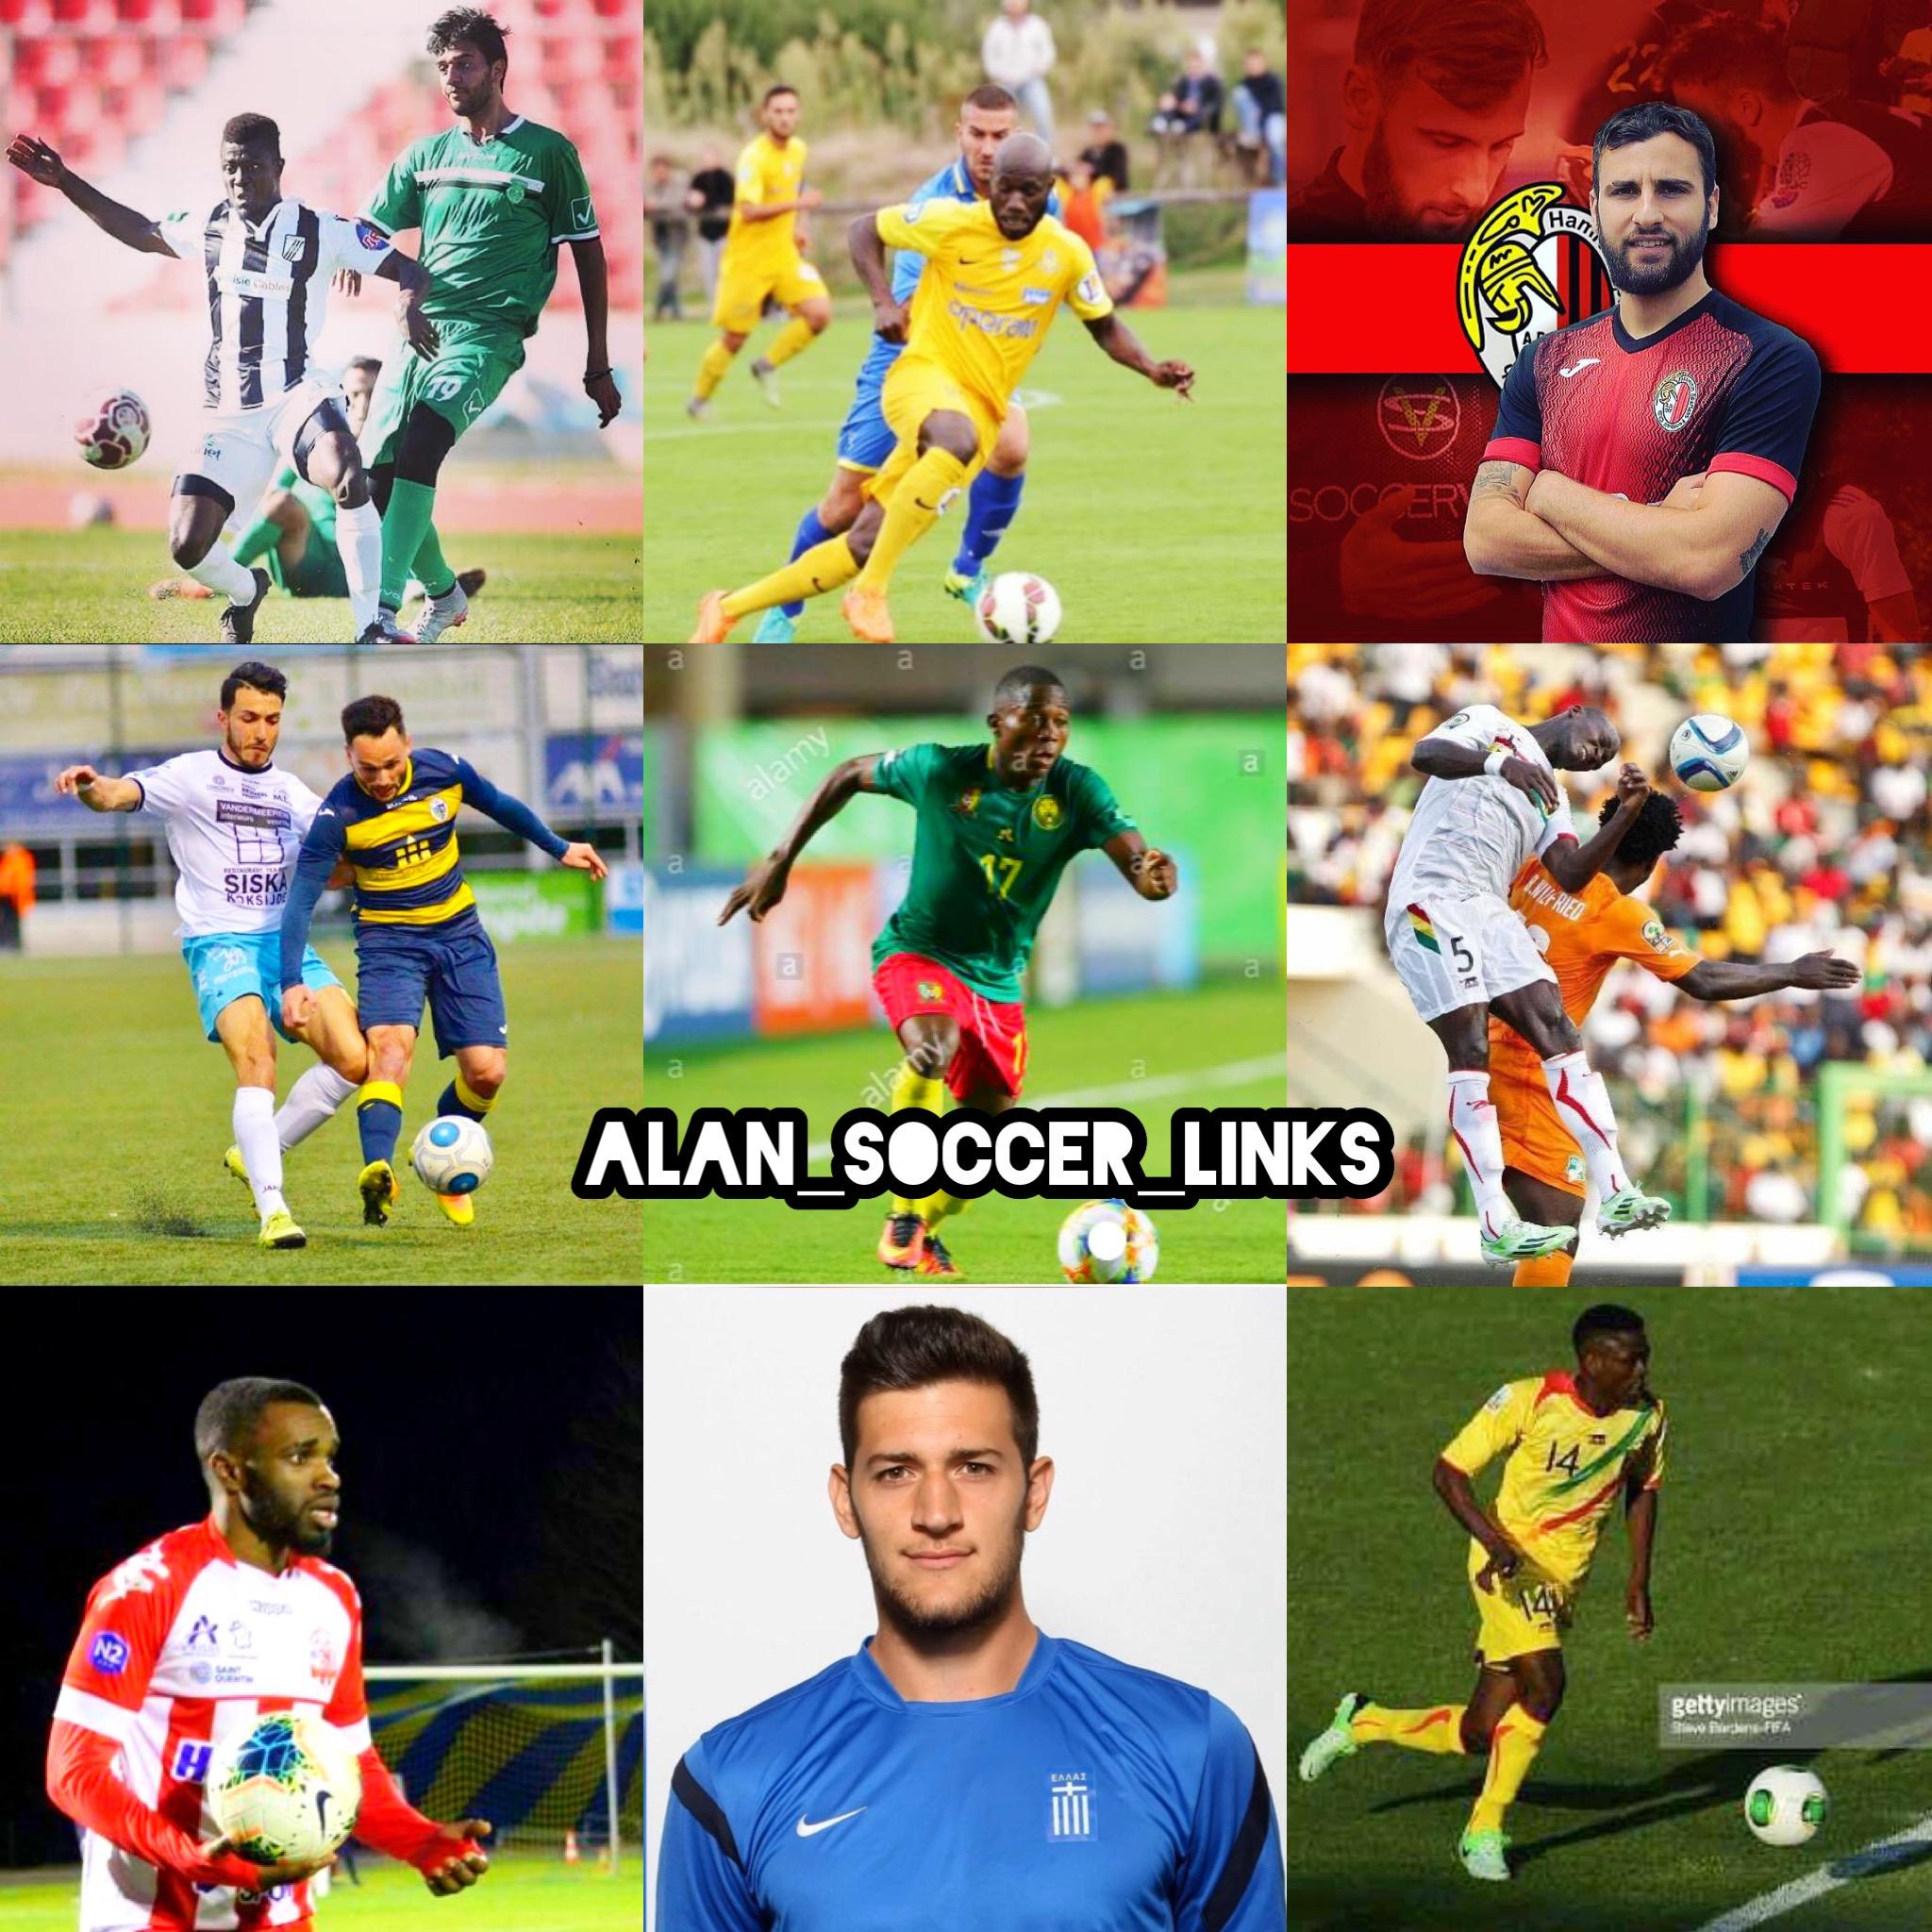 Alan Soccer Link